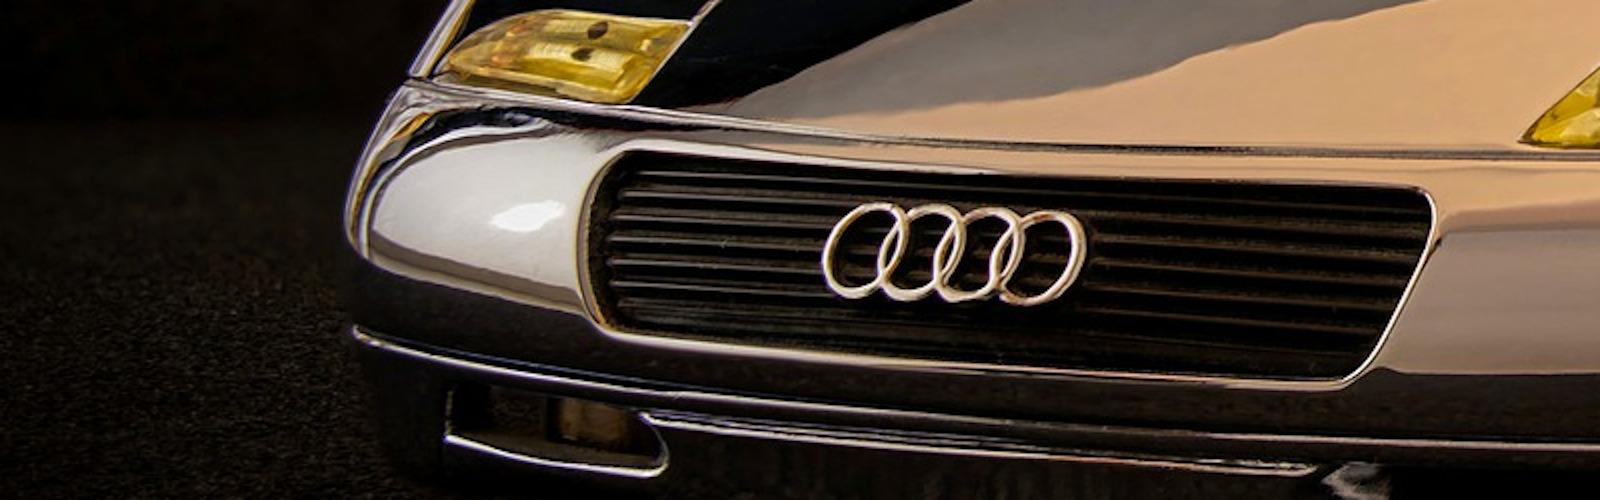 Audi, EA 897, Schadenersatz